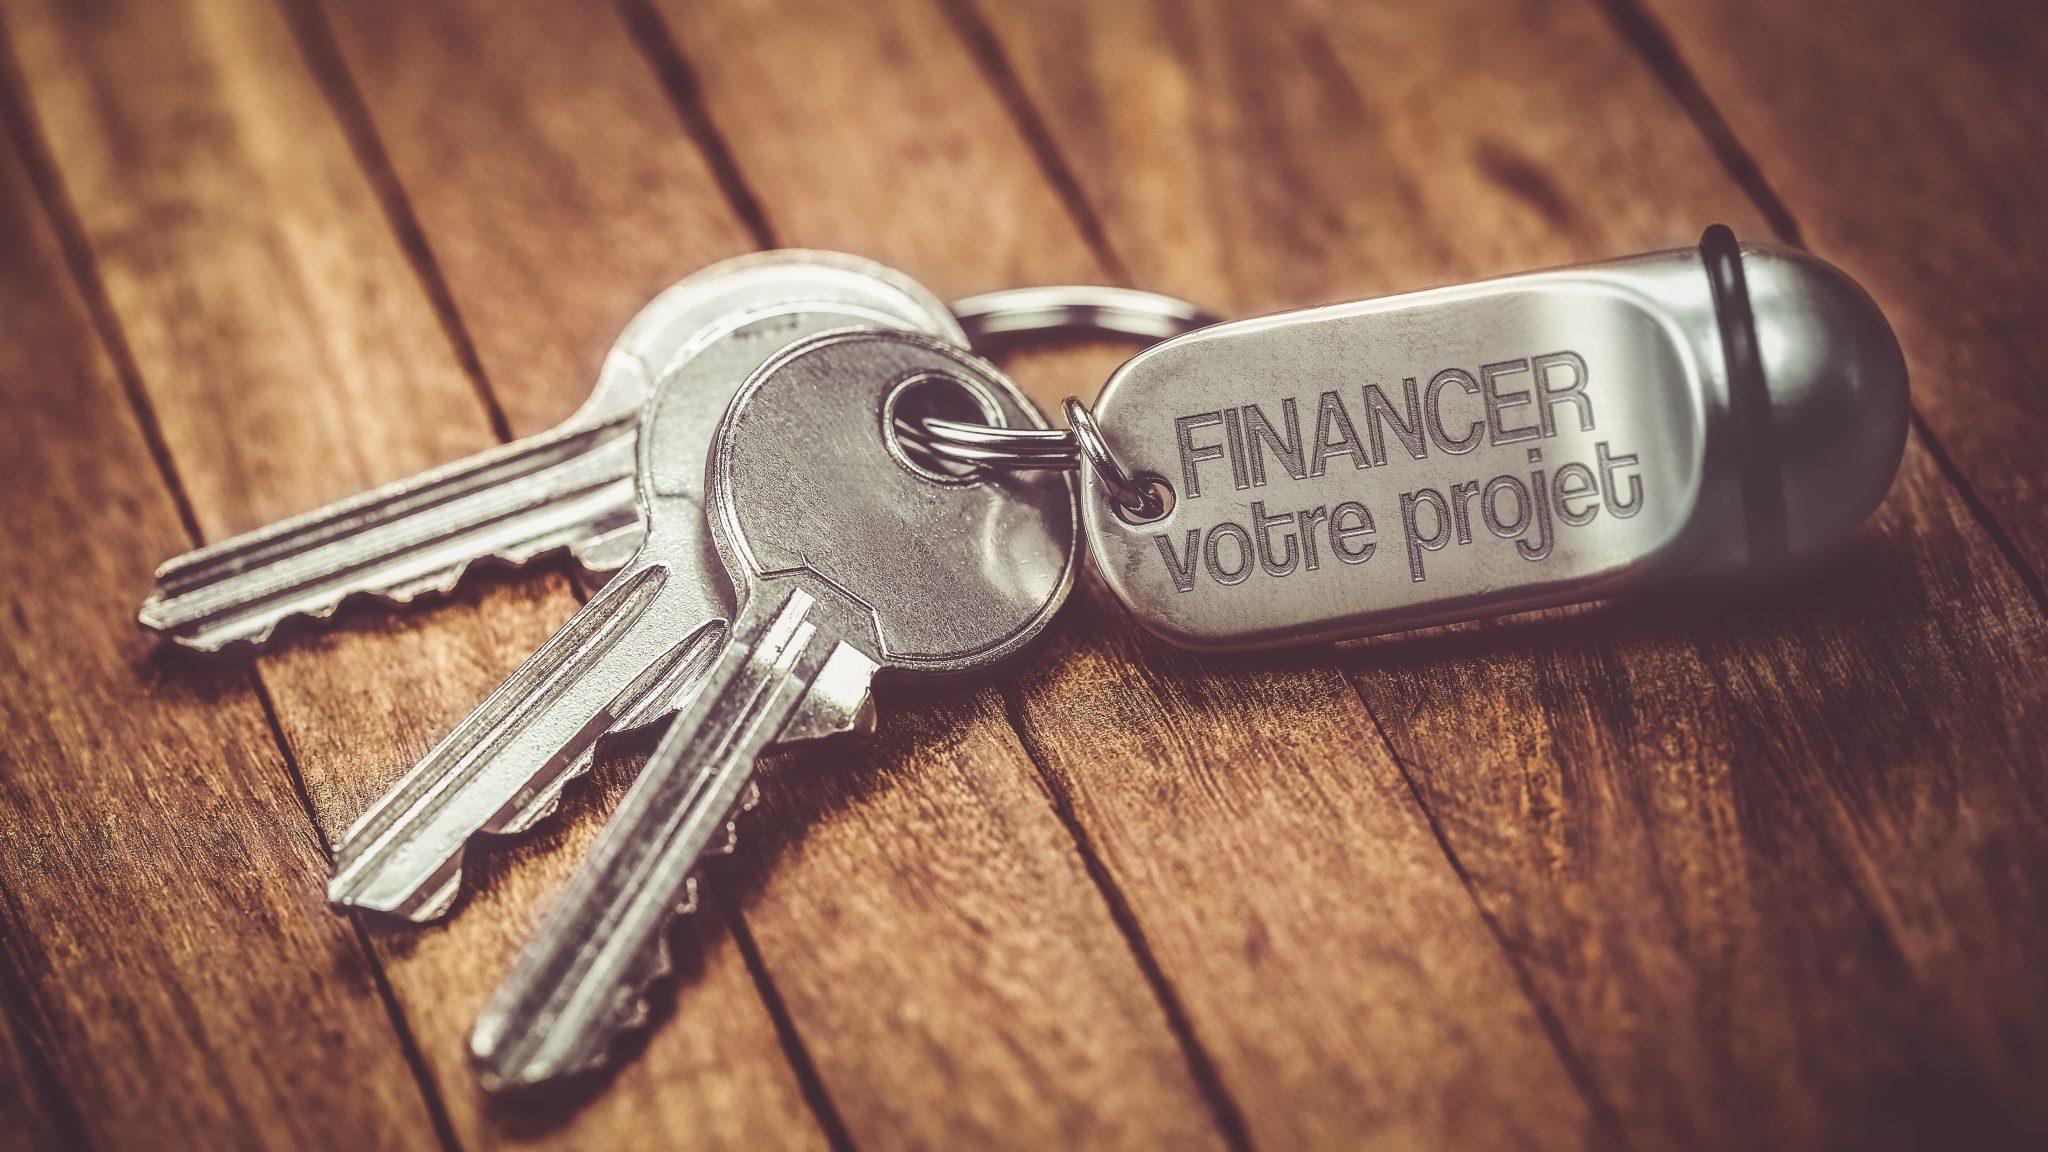 Image Courtage : Financer votre projet